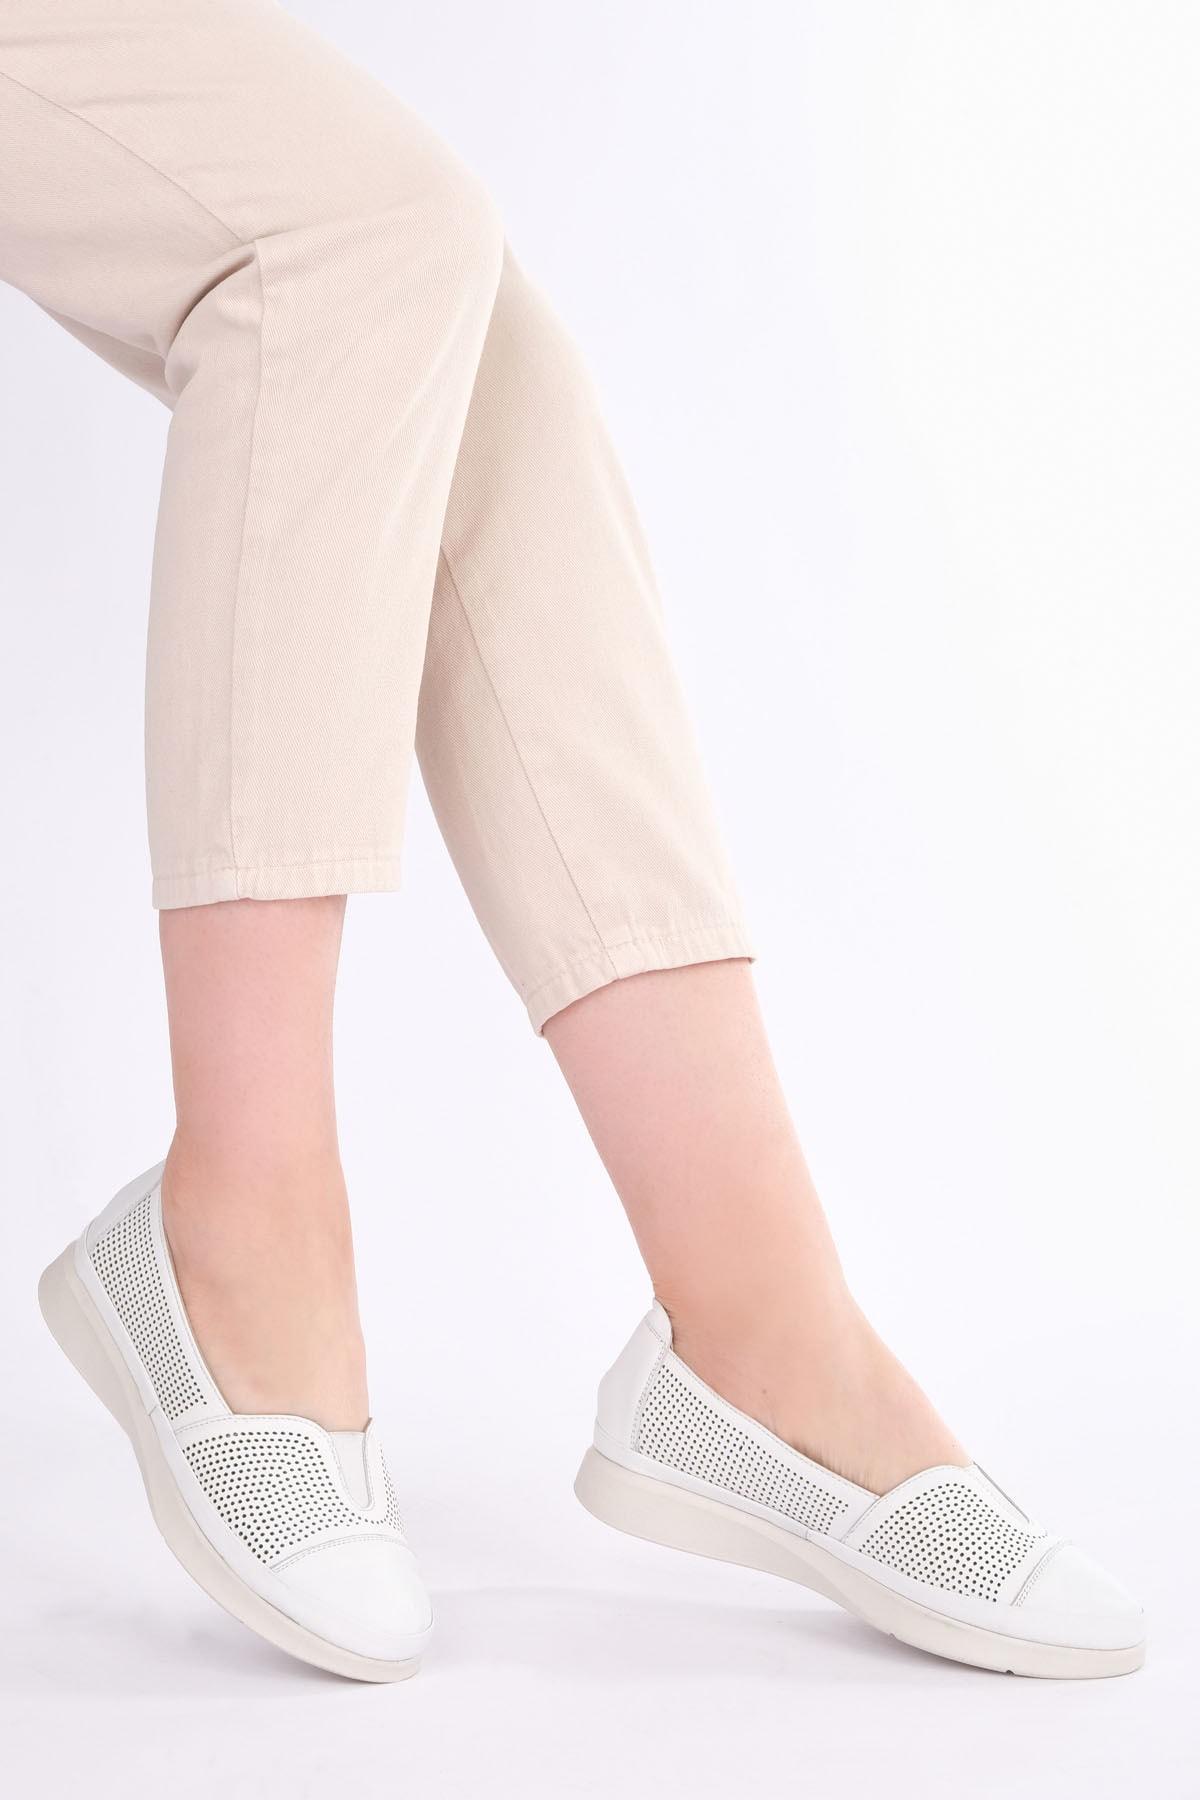 Marjin Vona Kadın Hakiki Deri Comfort Ayakkabıbeyaz